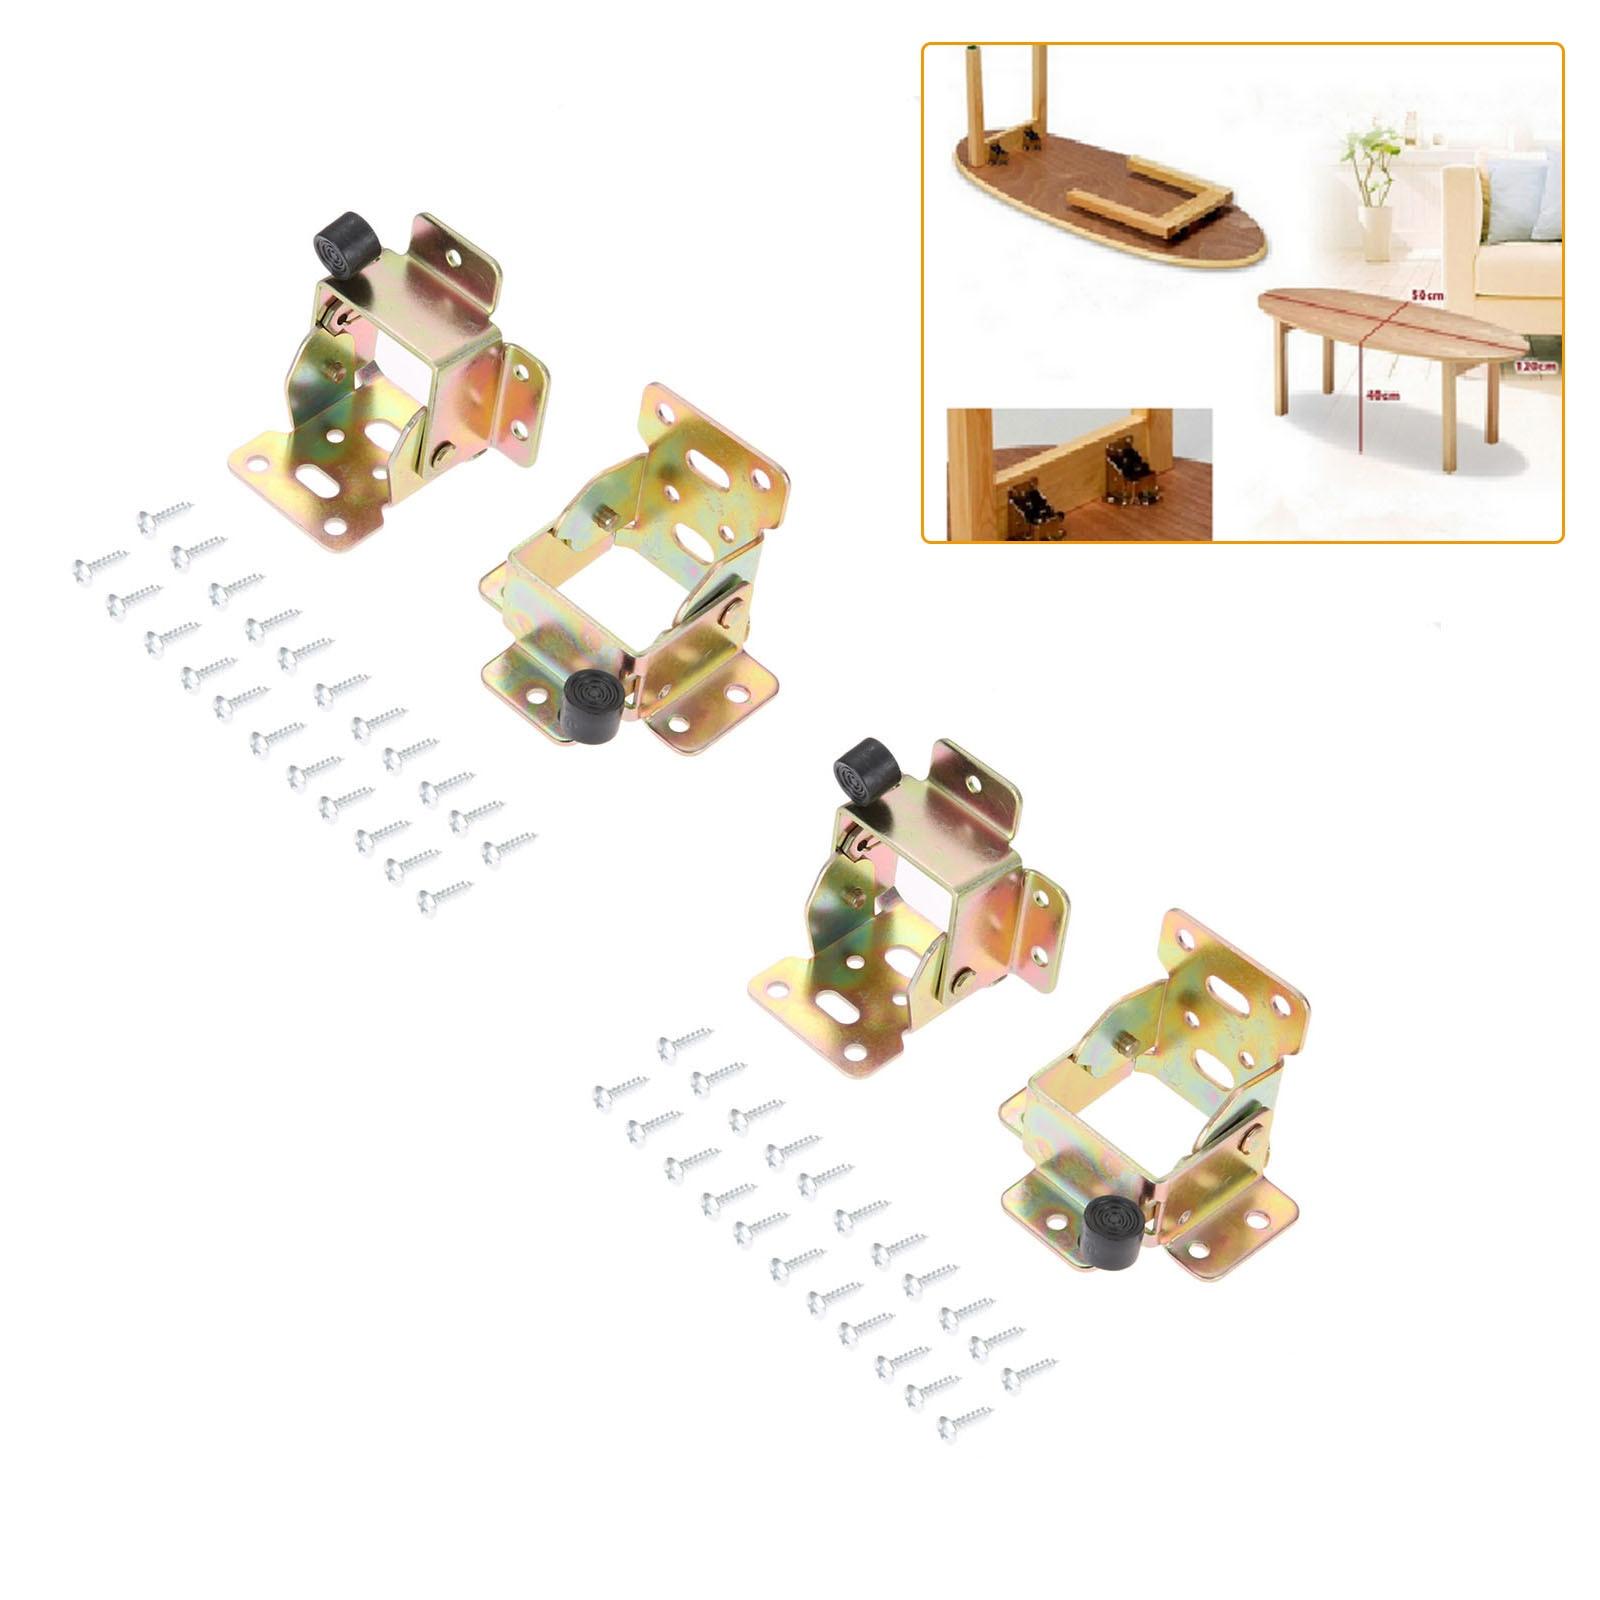 4 قطعة الأثاث المفصلي الحديد طاولة قابلة للطي الساق بين قوسين مكتب كرسي قدم تمديد الذاتي قفل مفصلات أثاث ل كراسي قابلة للطي